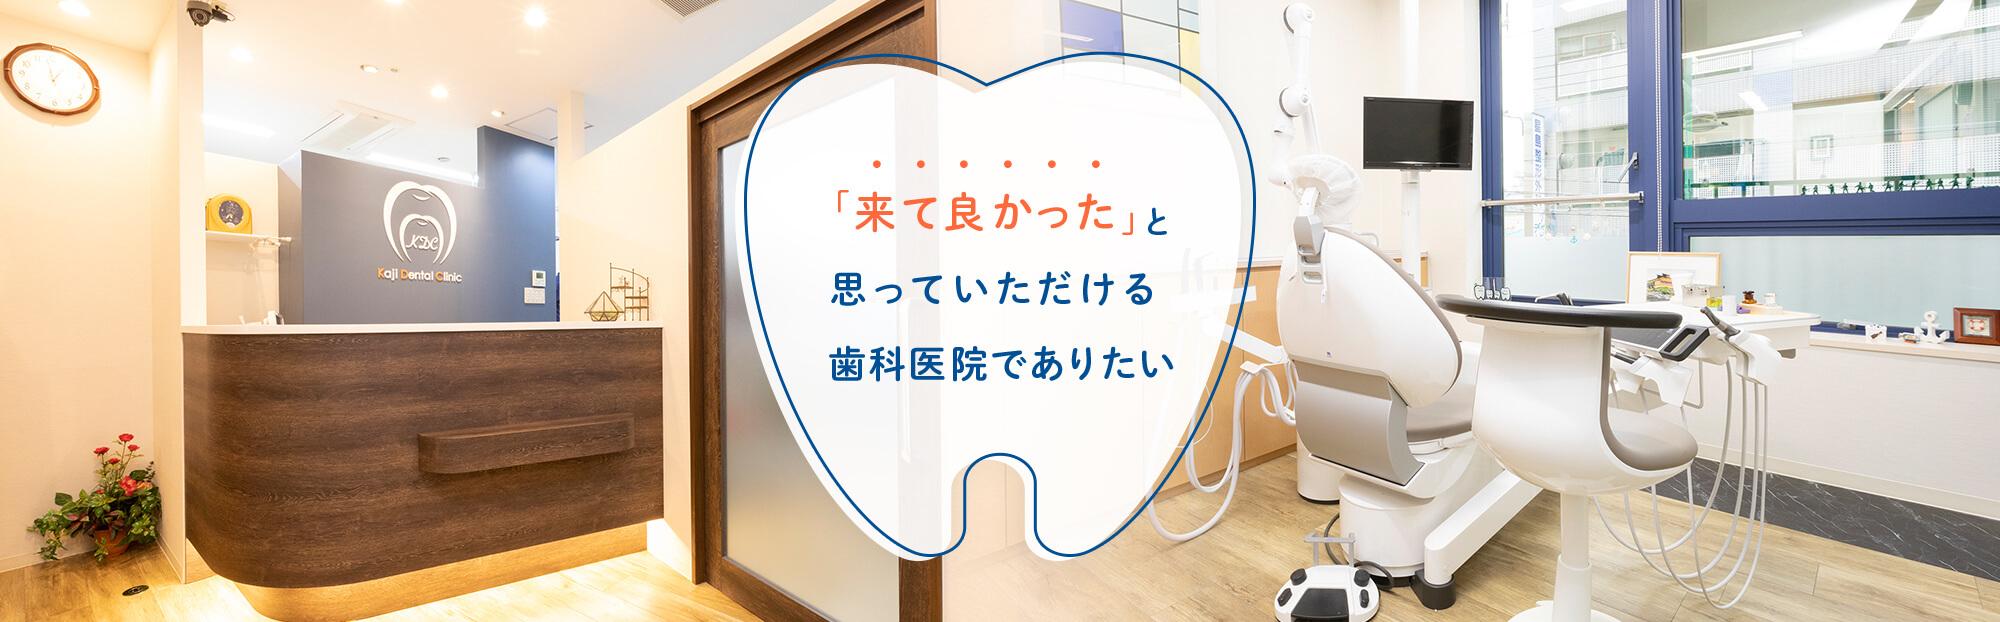 垂水駅 歯医者|「来て良かった」と思っていただける歯科医院でありたい|梶歯科医院